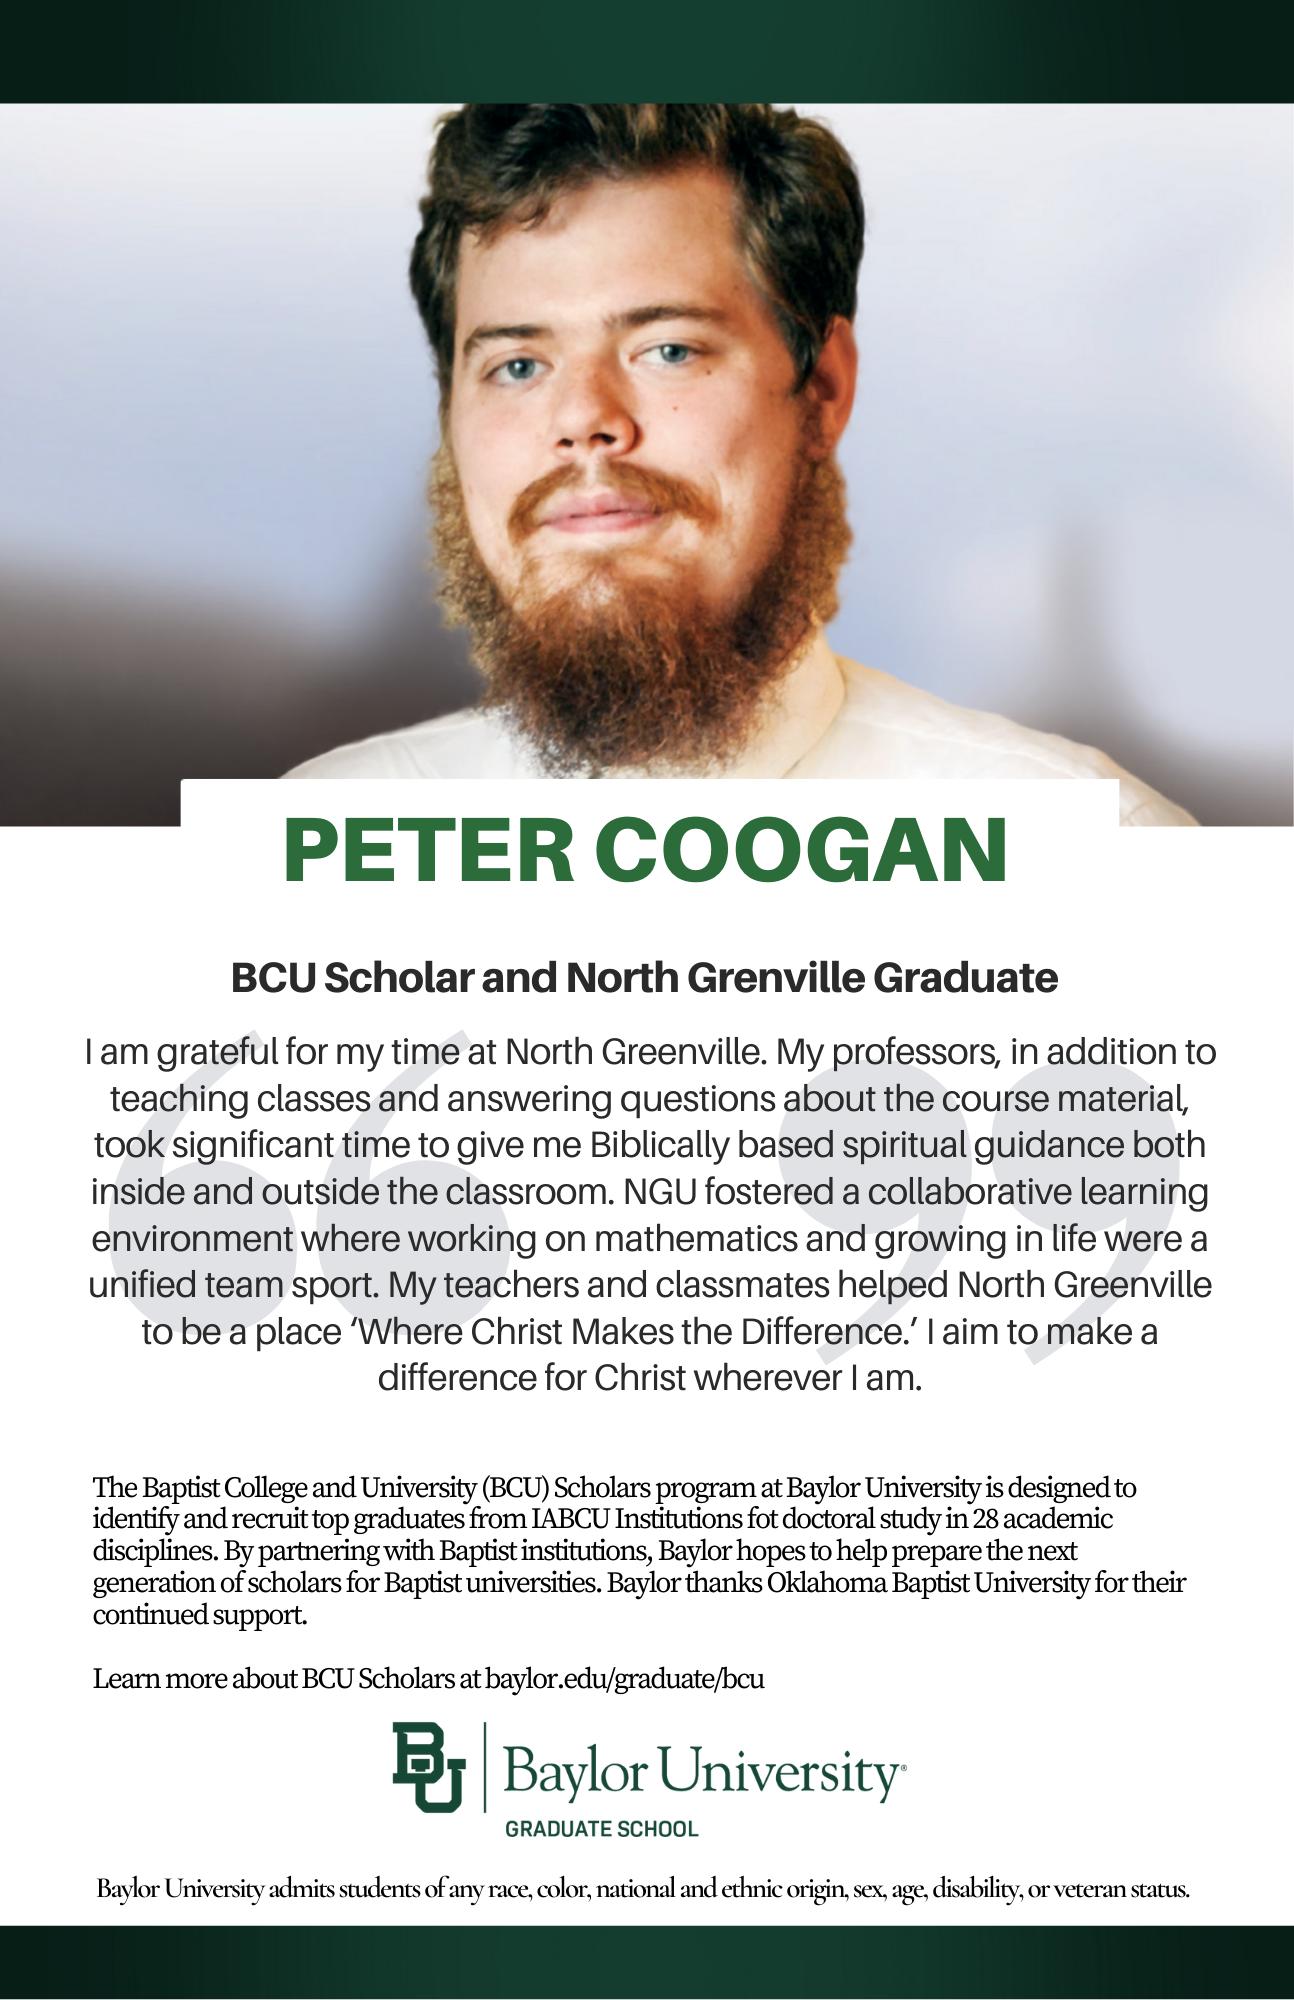 Peter Coogan BCU ad